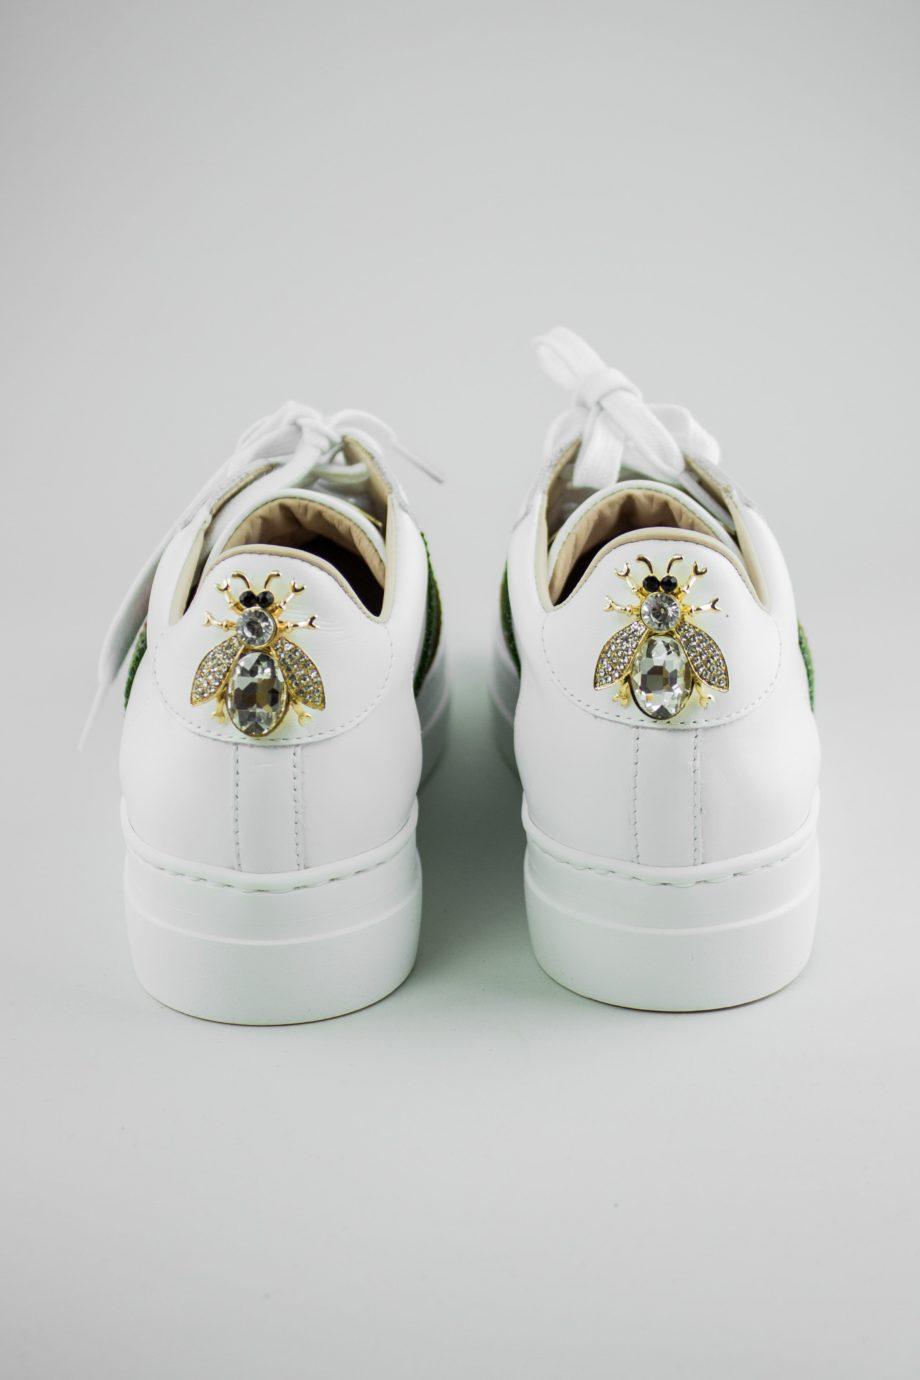 3. STOKTON Bee sneakers